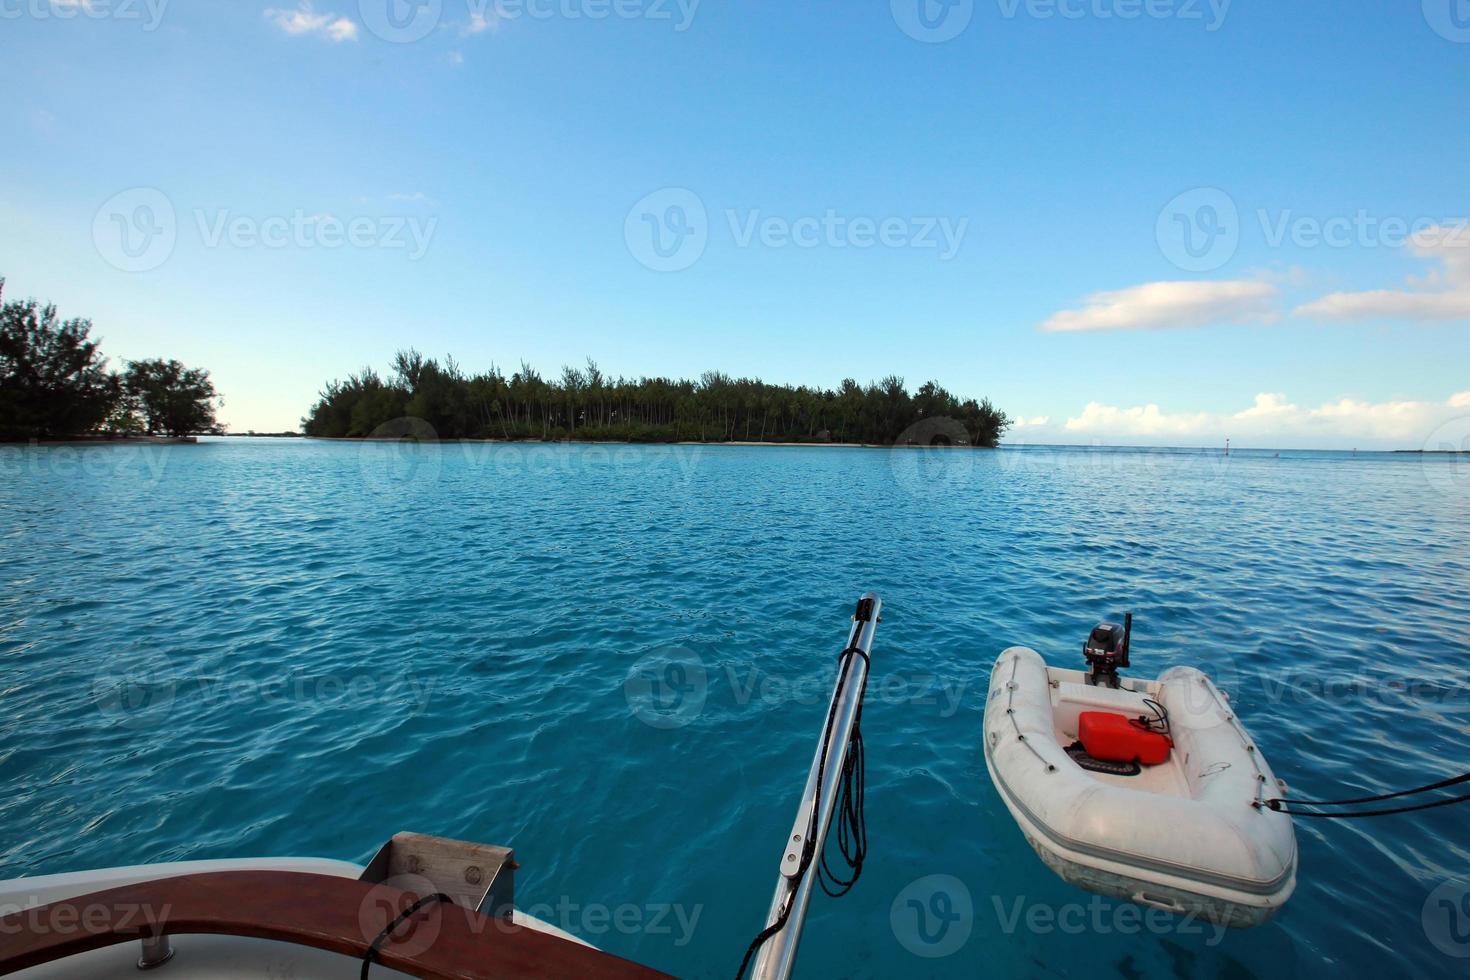 inschrijving op lagune foto